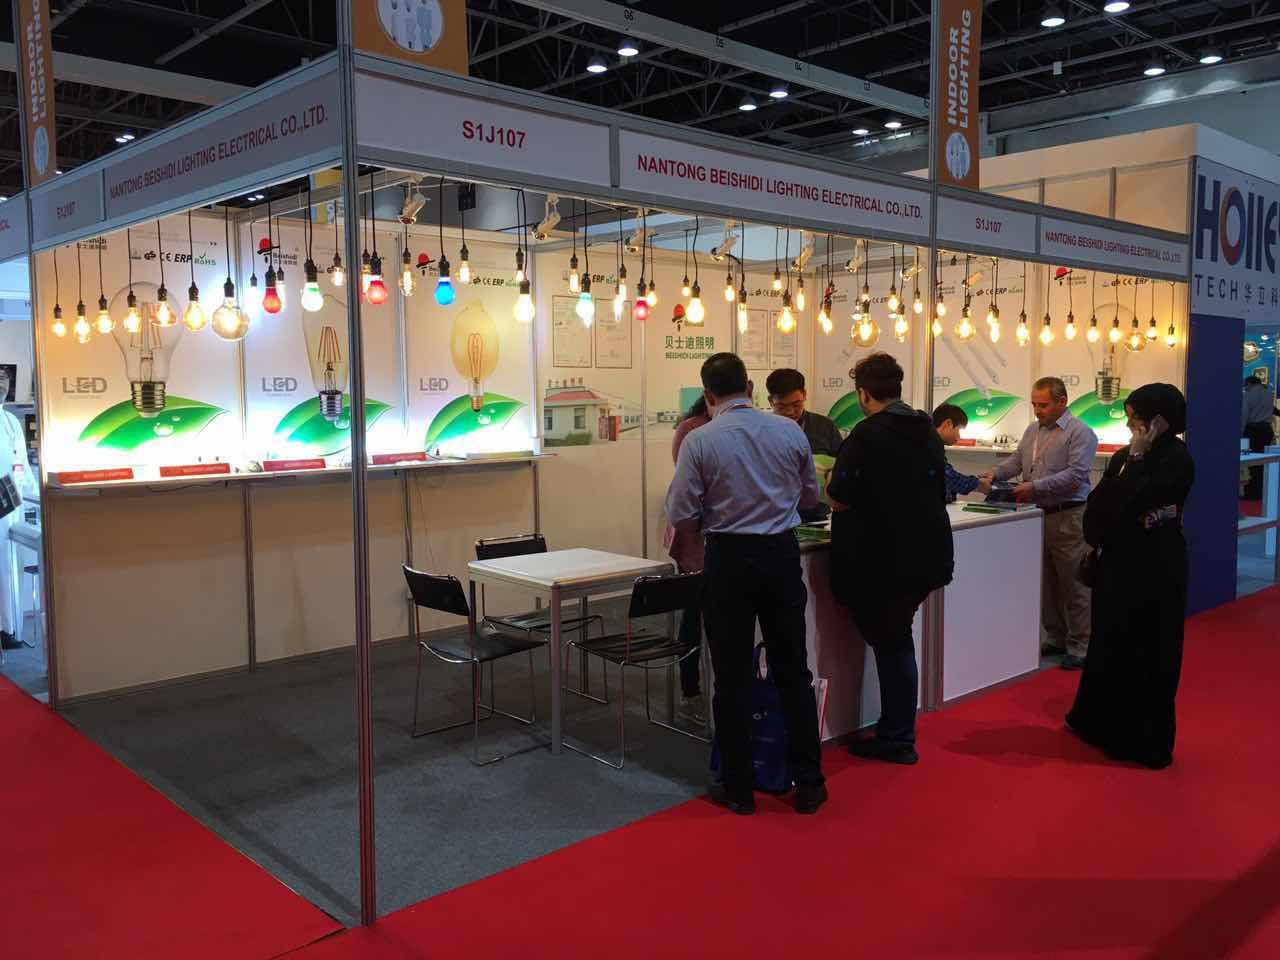 中国(阿联酋)贸易博览会 暨照明及灯饰展览会